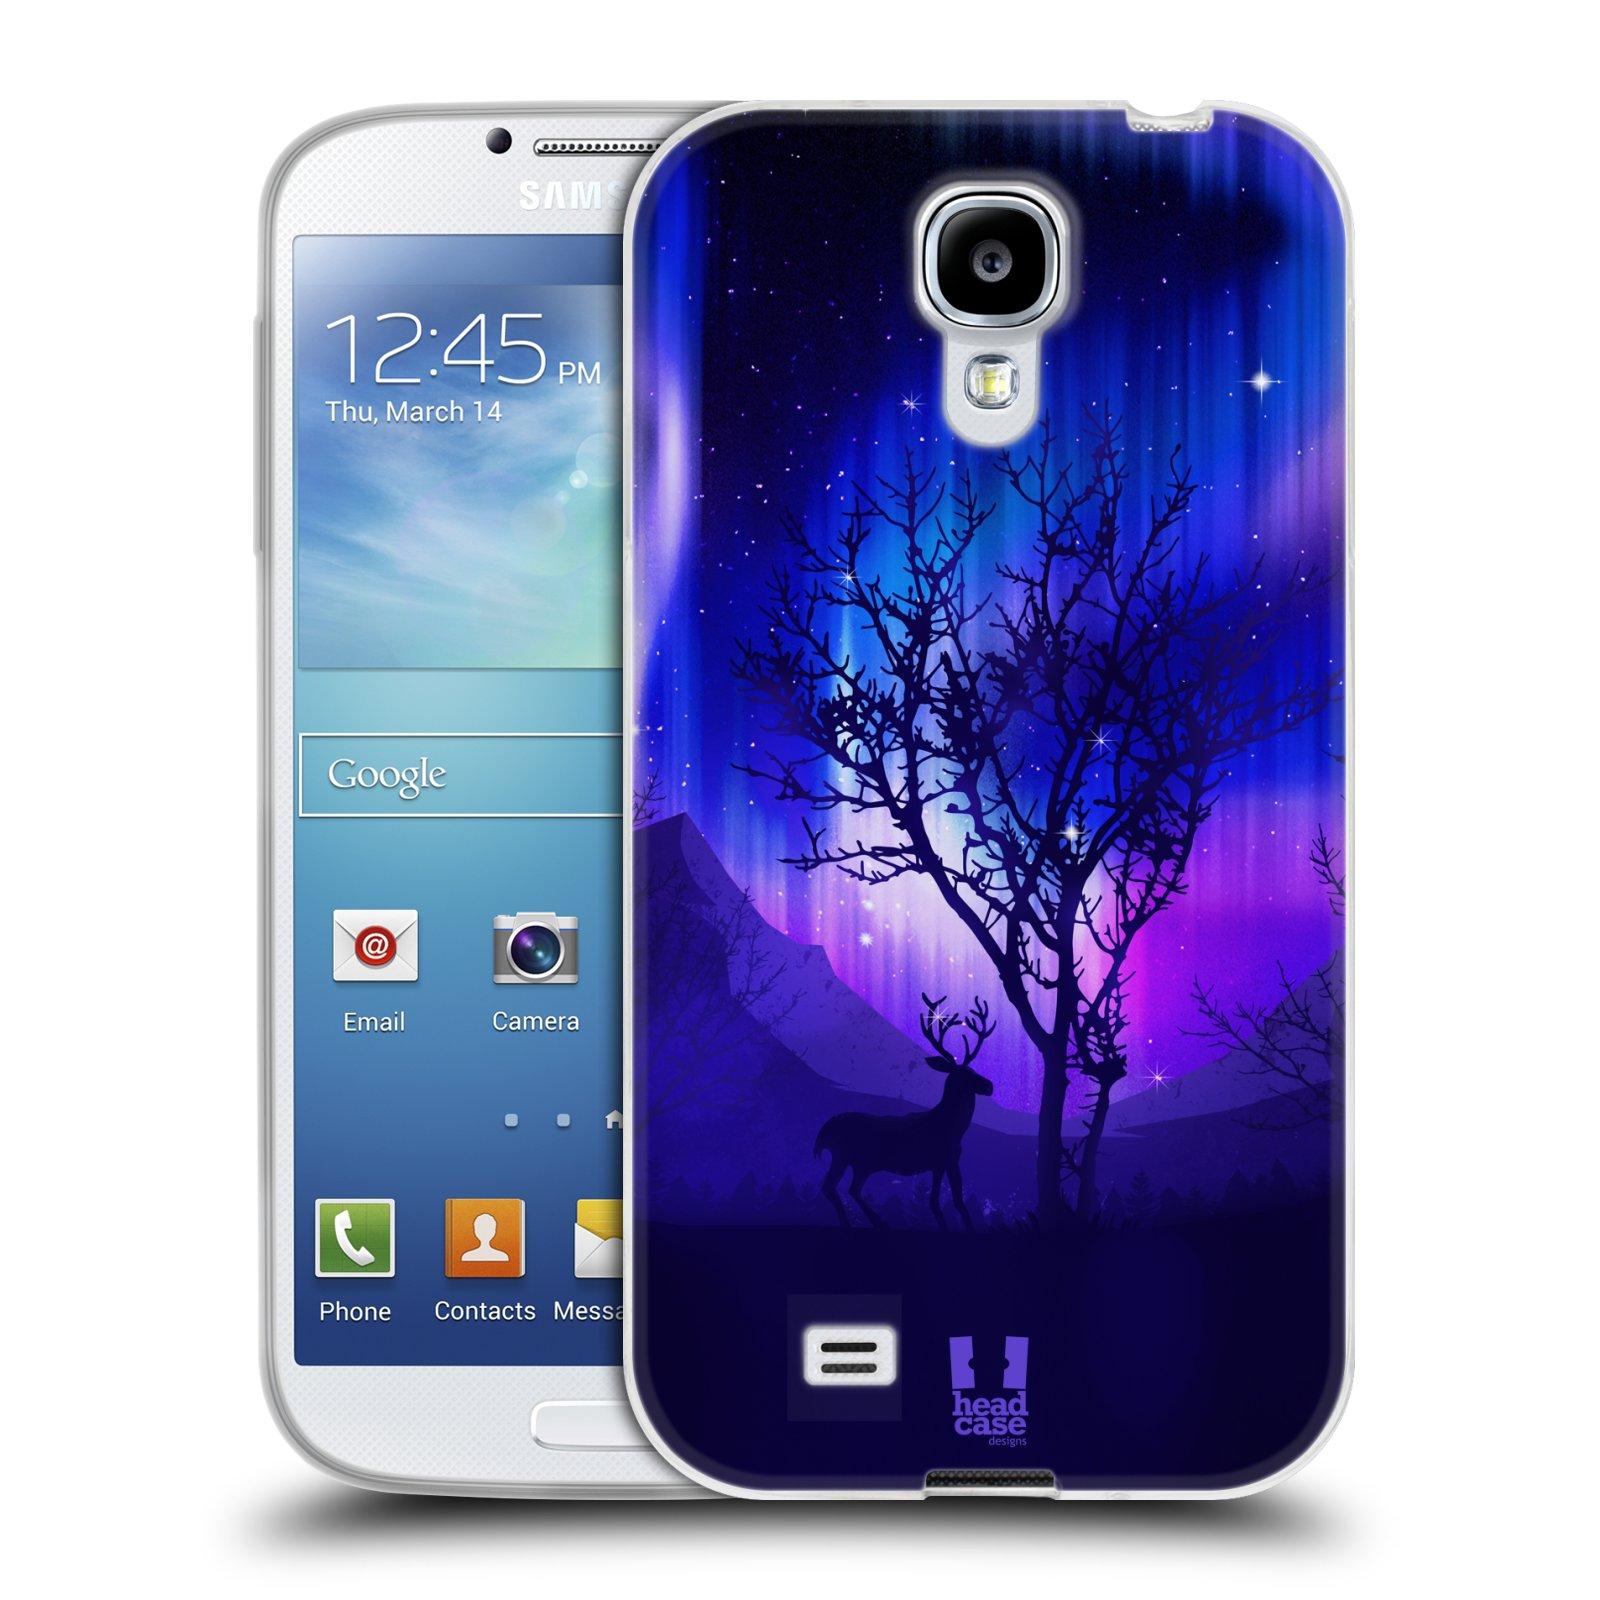 Silikonové pouzdro na mobil Samsung Galaxy S4 HEAD CASE Polární Záře Strom (Silikonový kryt či obal na mobilní telefon Samsung Galaxy S4 GT-i9505 / i9500)